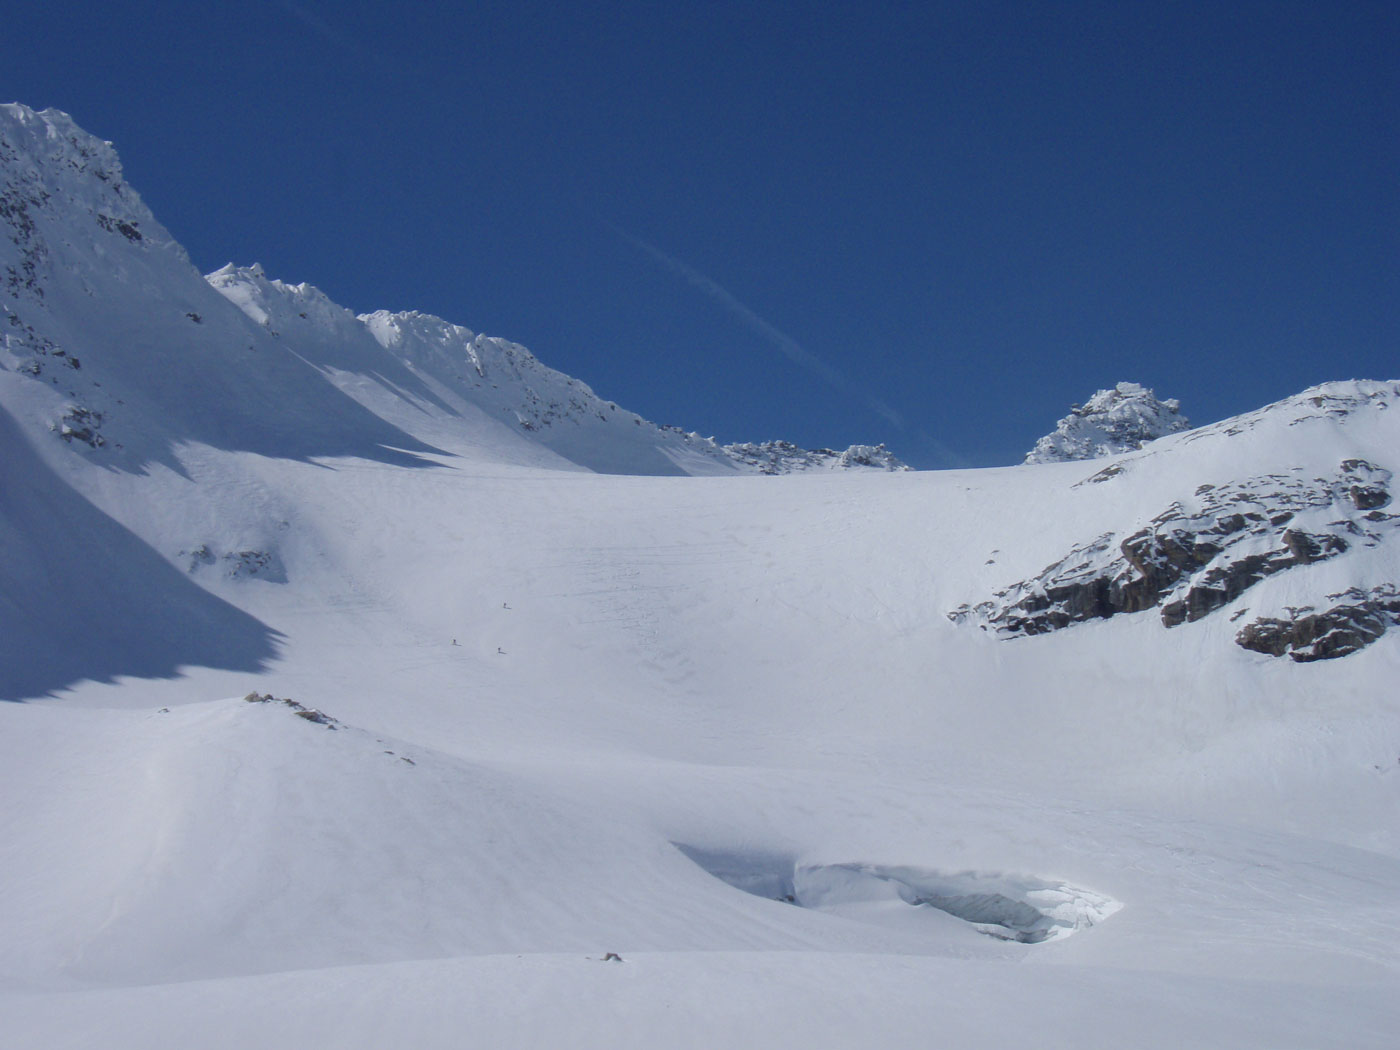 Foto: Grasberger Gerhard / Ski Tour / Hoher Sonnblick, 3106m / Gletschertor am unteren Gletscherbecken, über die Steilstufe im Hintergrund erfolgt die Abfahrt aus dem oberen Gletscherbecken. / 14.04.2009 12:57:17